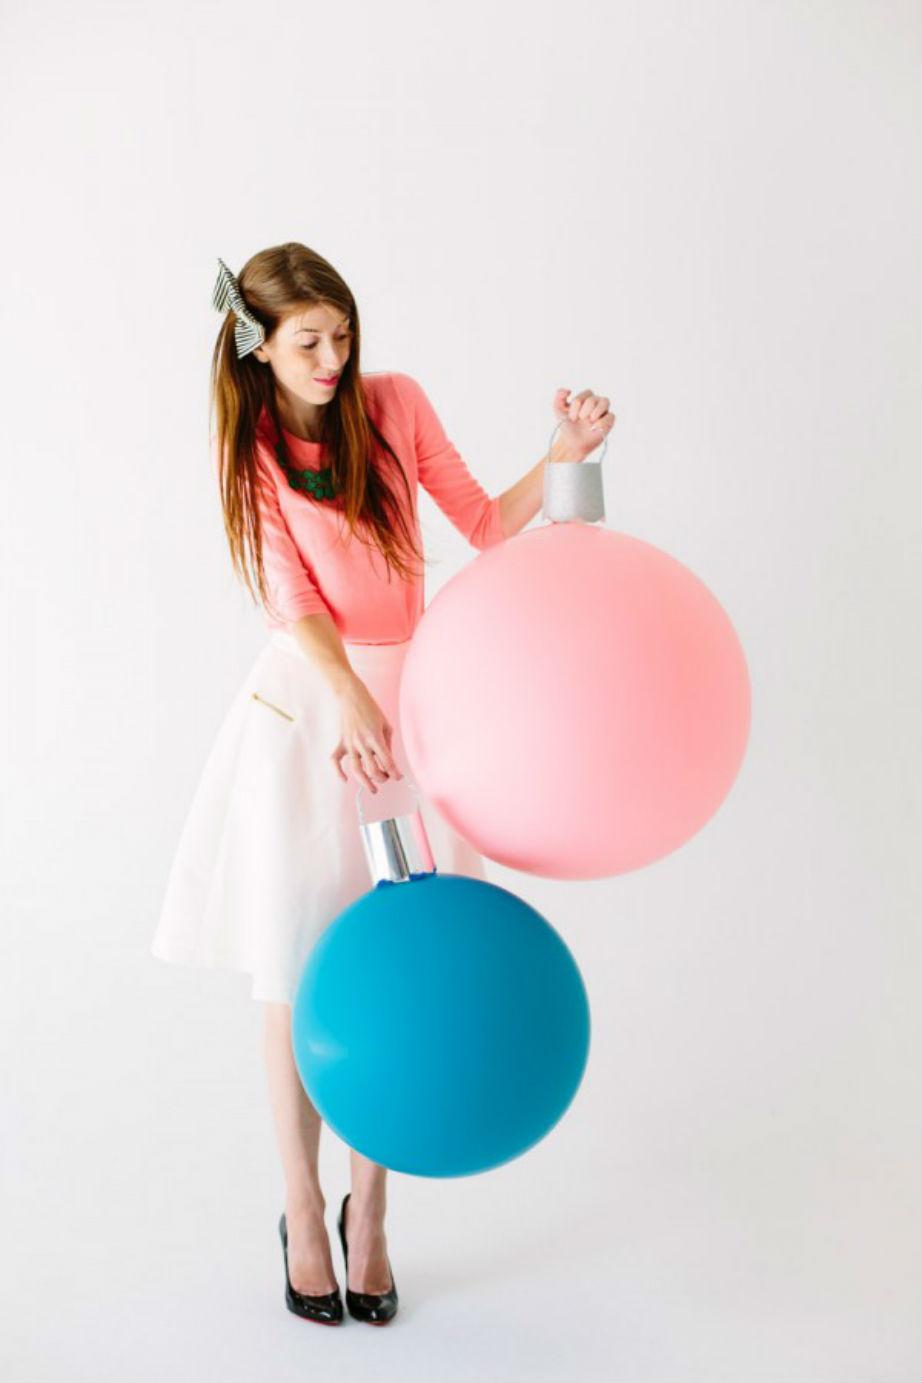 Χρησιμοποιήστε χρώματα που ξεφεύγουν από την κλασική εορταστική παλέτα για ένα μοντέρνο αποτέλεσμα.